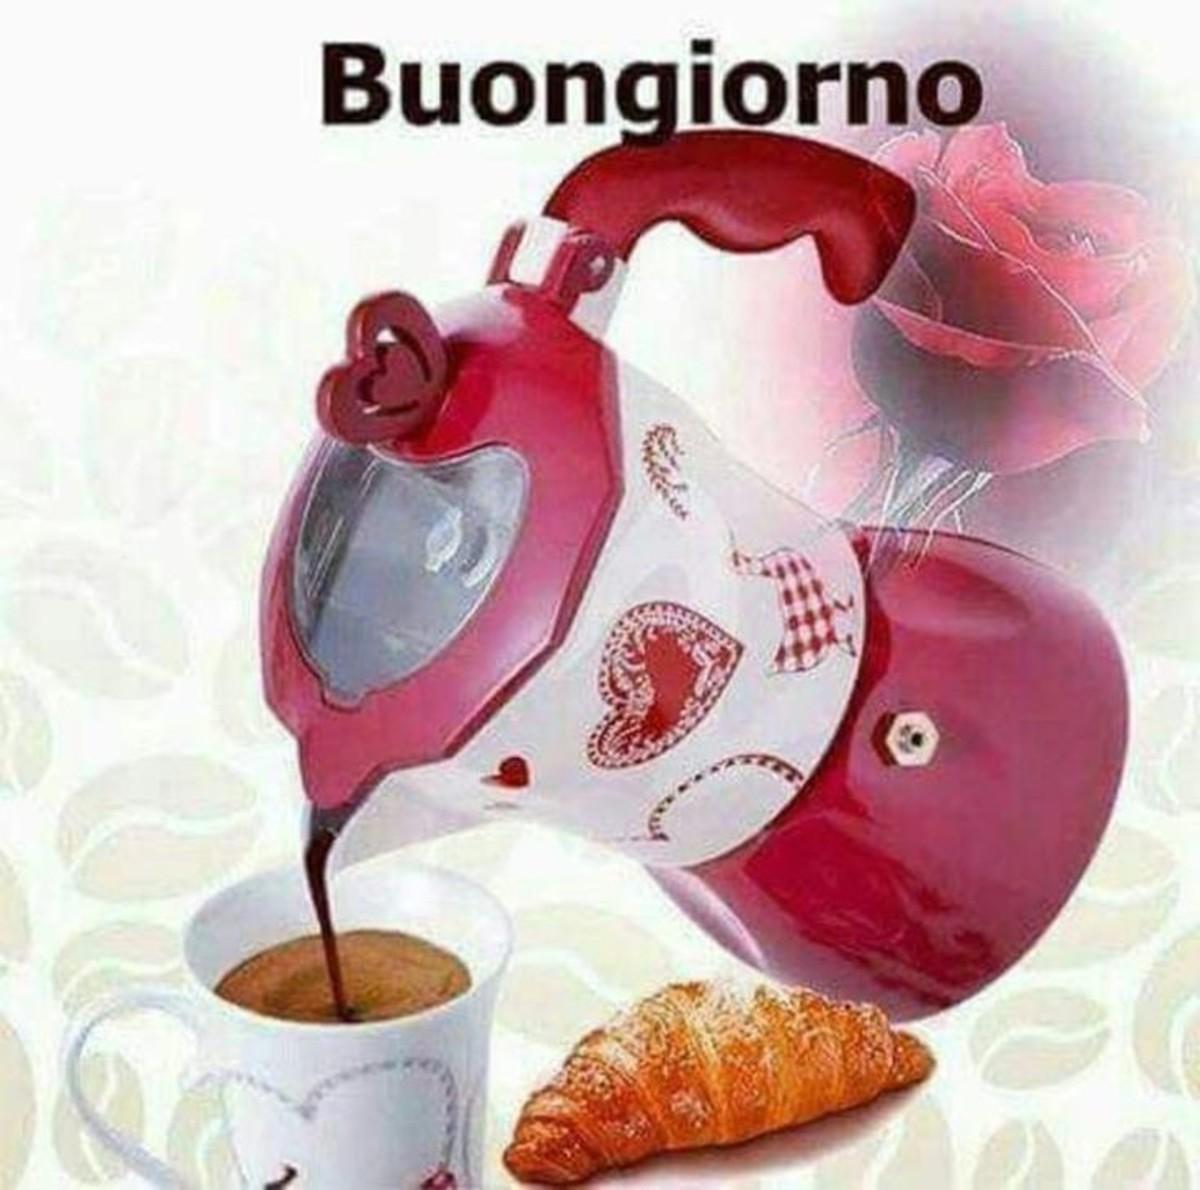 Immagini buongiorno con caffè (2)